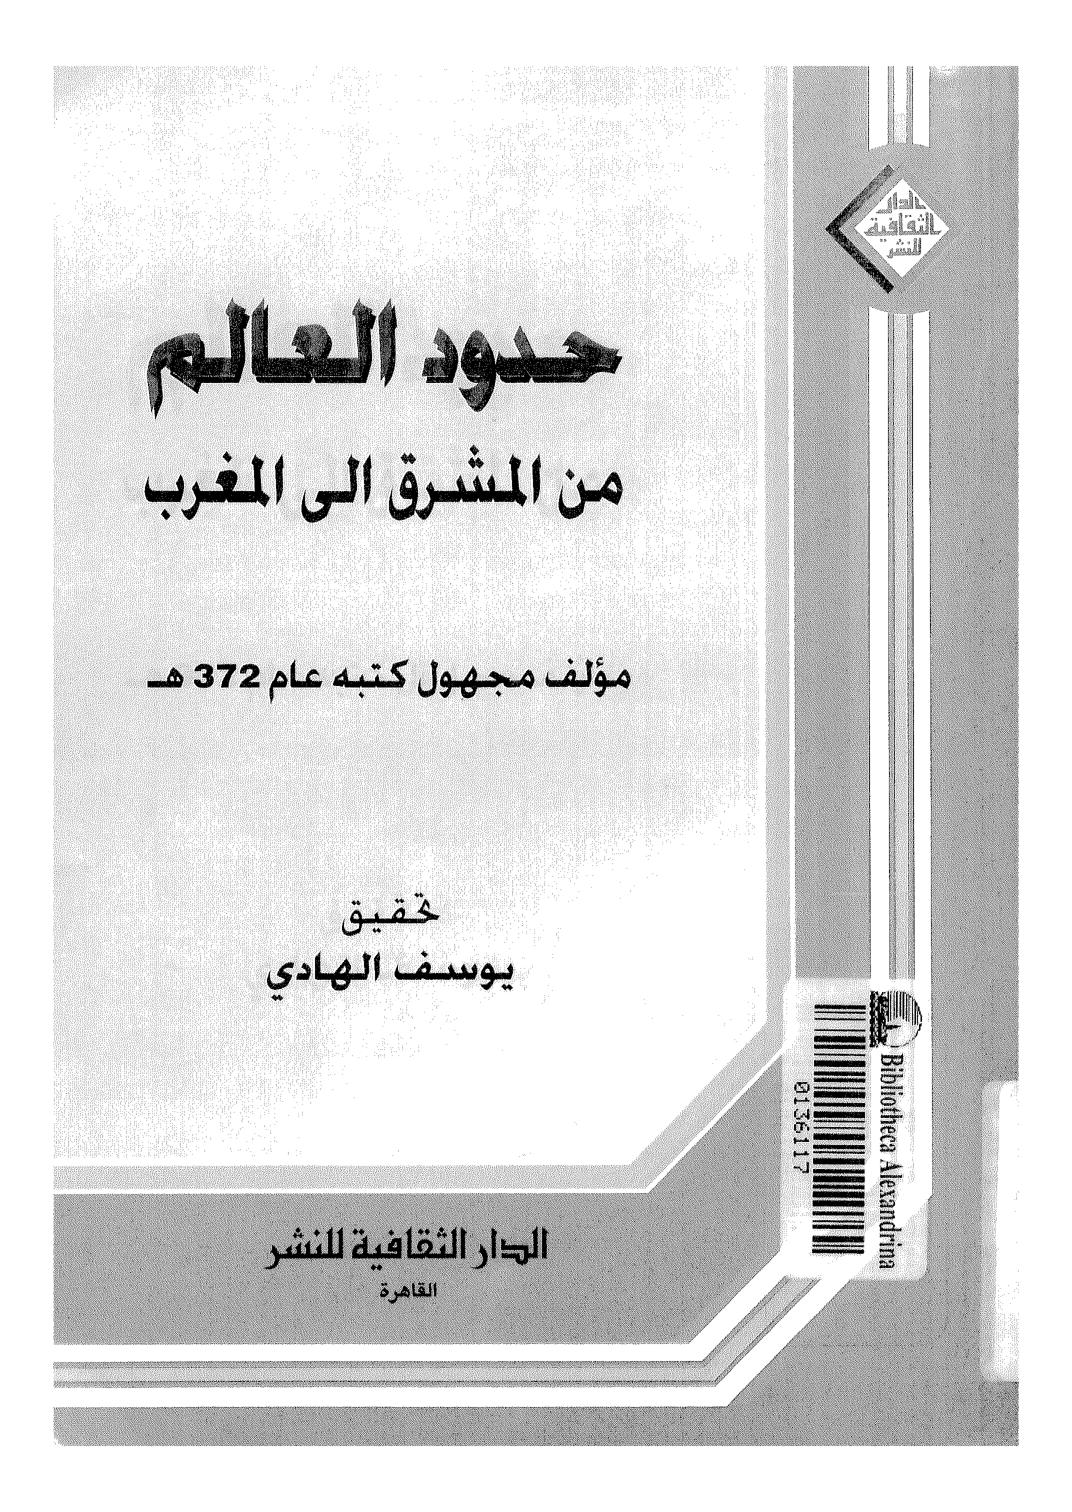 حدود العالم من المشرق إلى المغرب -